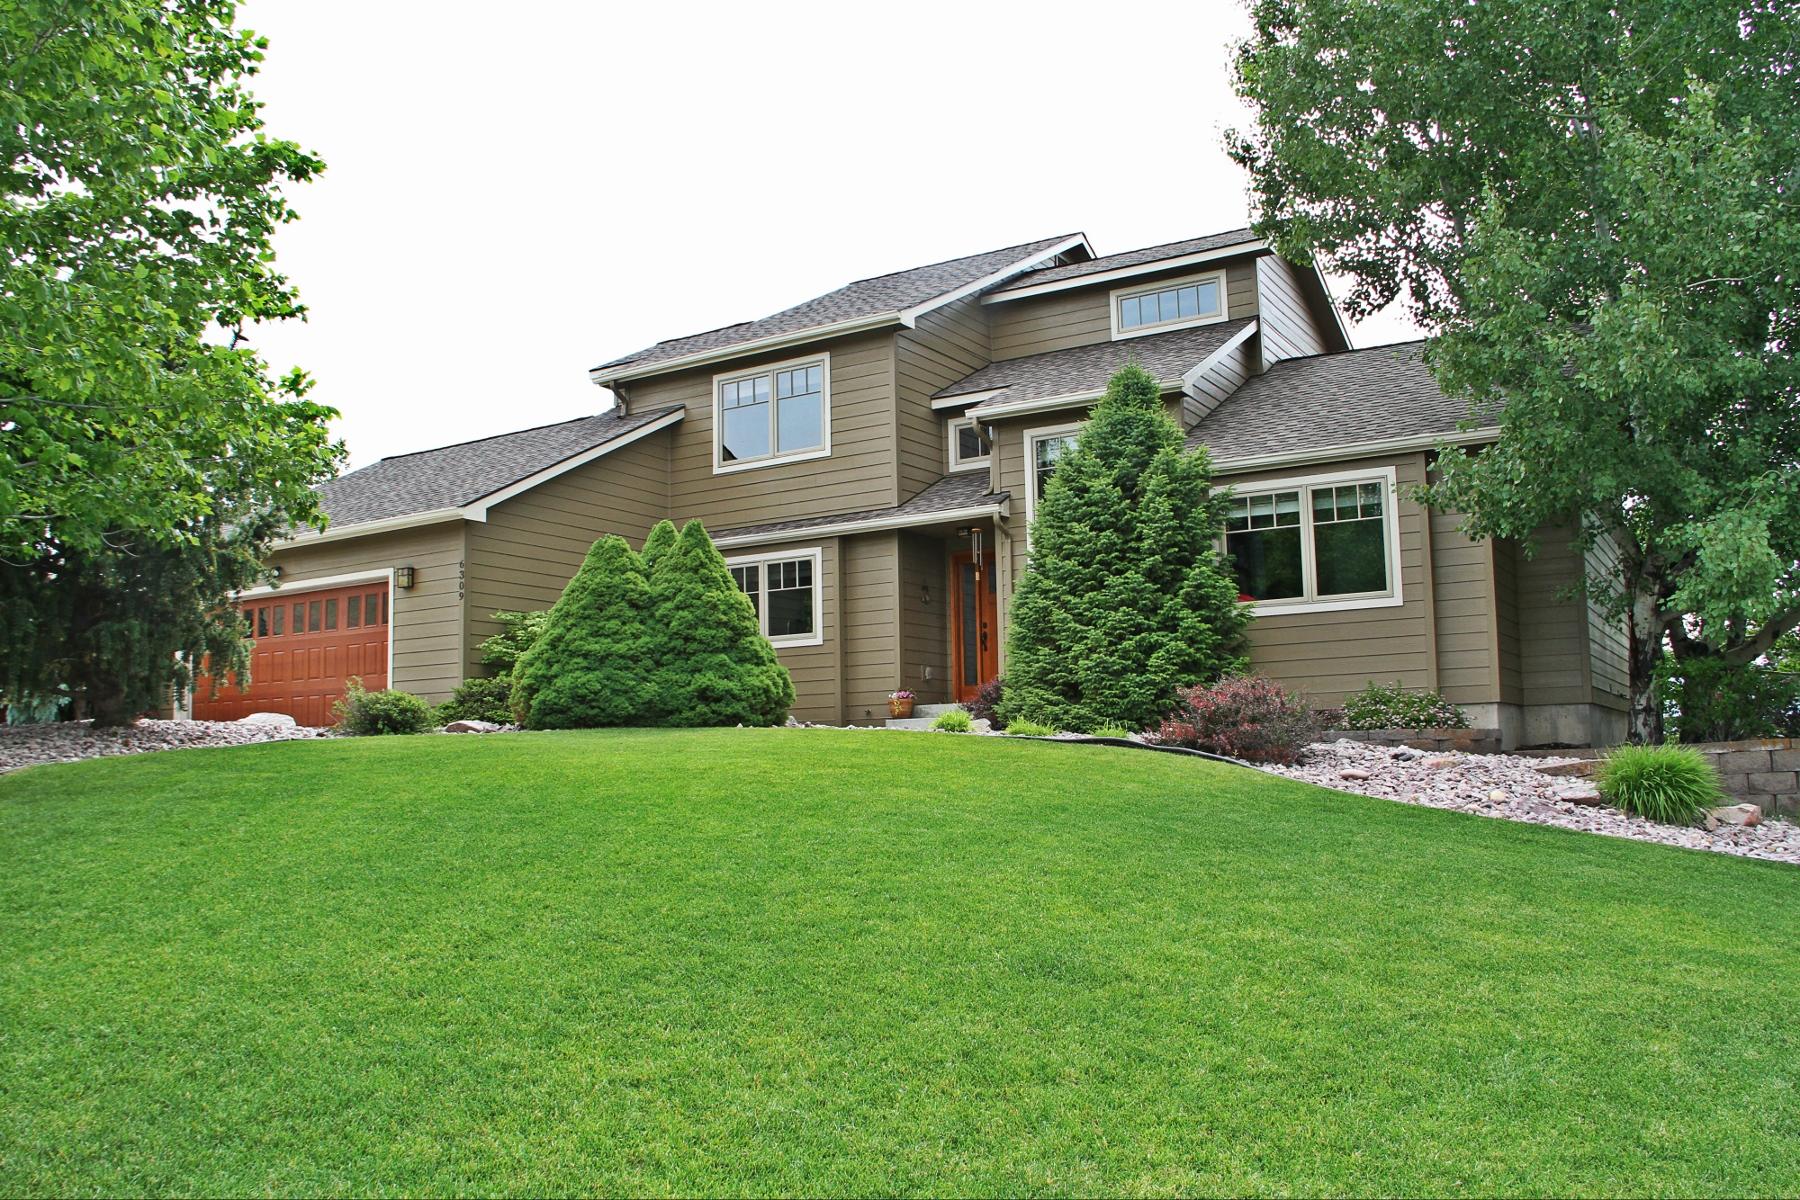 Casa para uma família para Venda às 6309 Hillview Way Missoula, Montana 59803 Estados Unidos